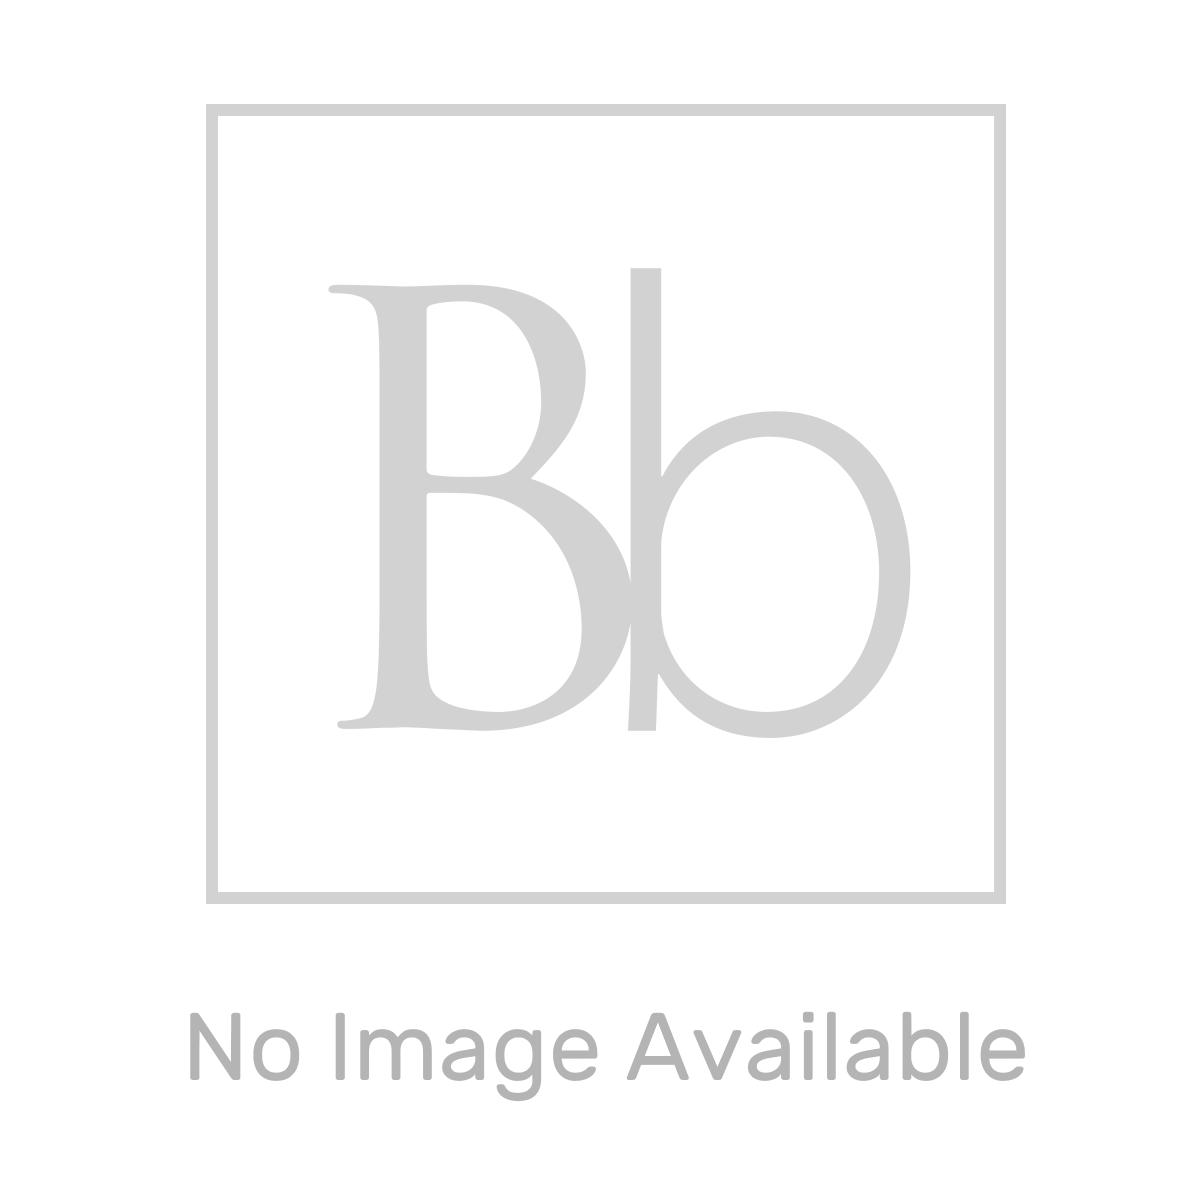 Stuart Turner 46416 Monsoon Standard Twin 3.0 Bar Positive Head Pump Right